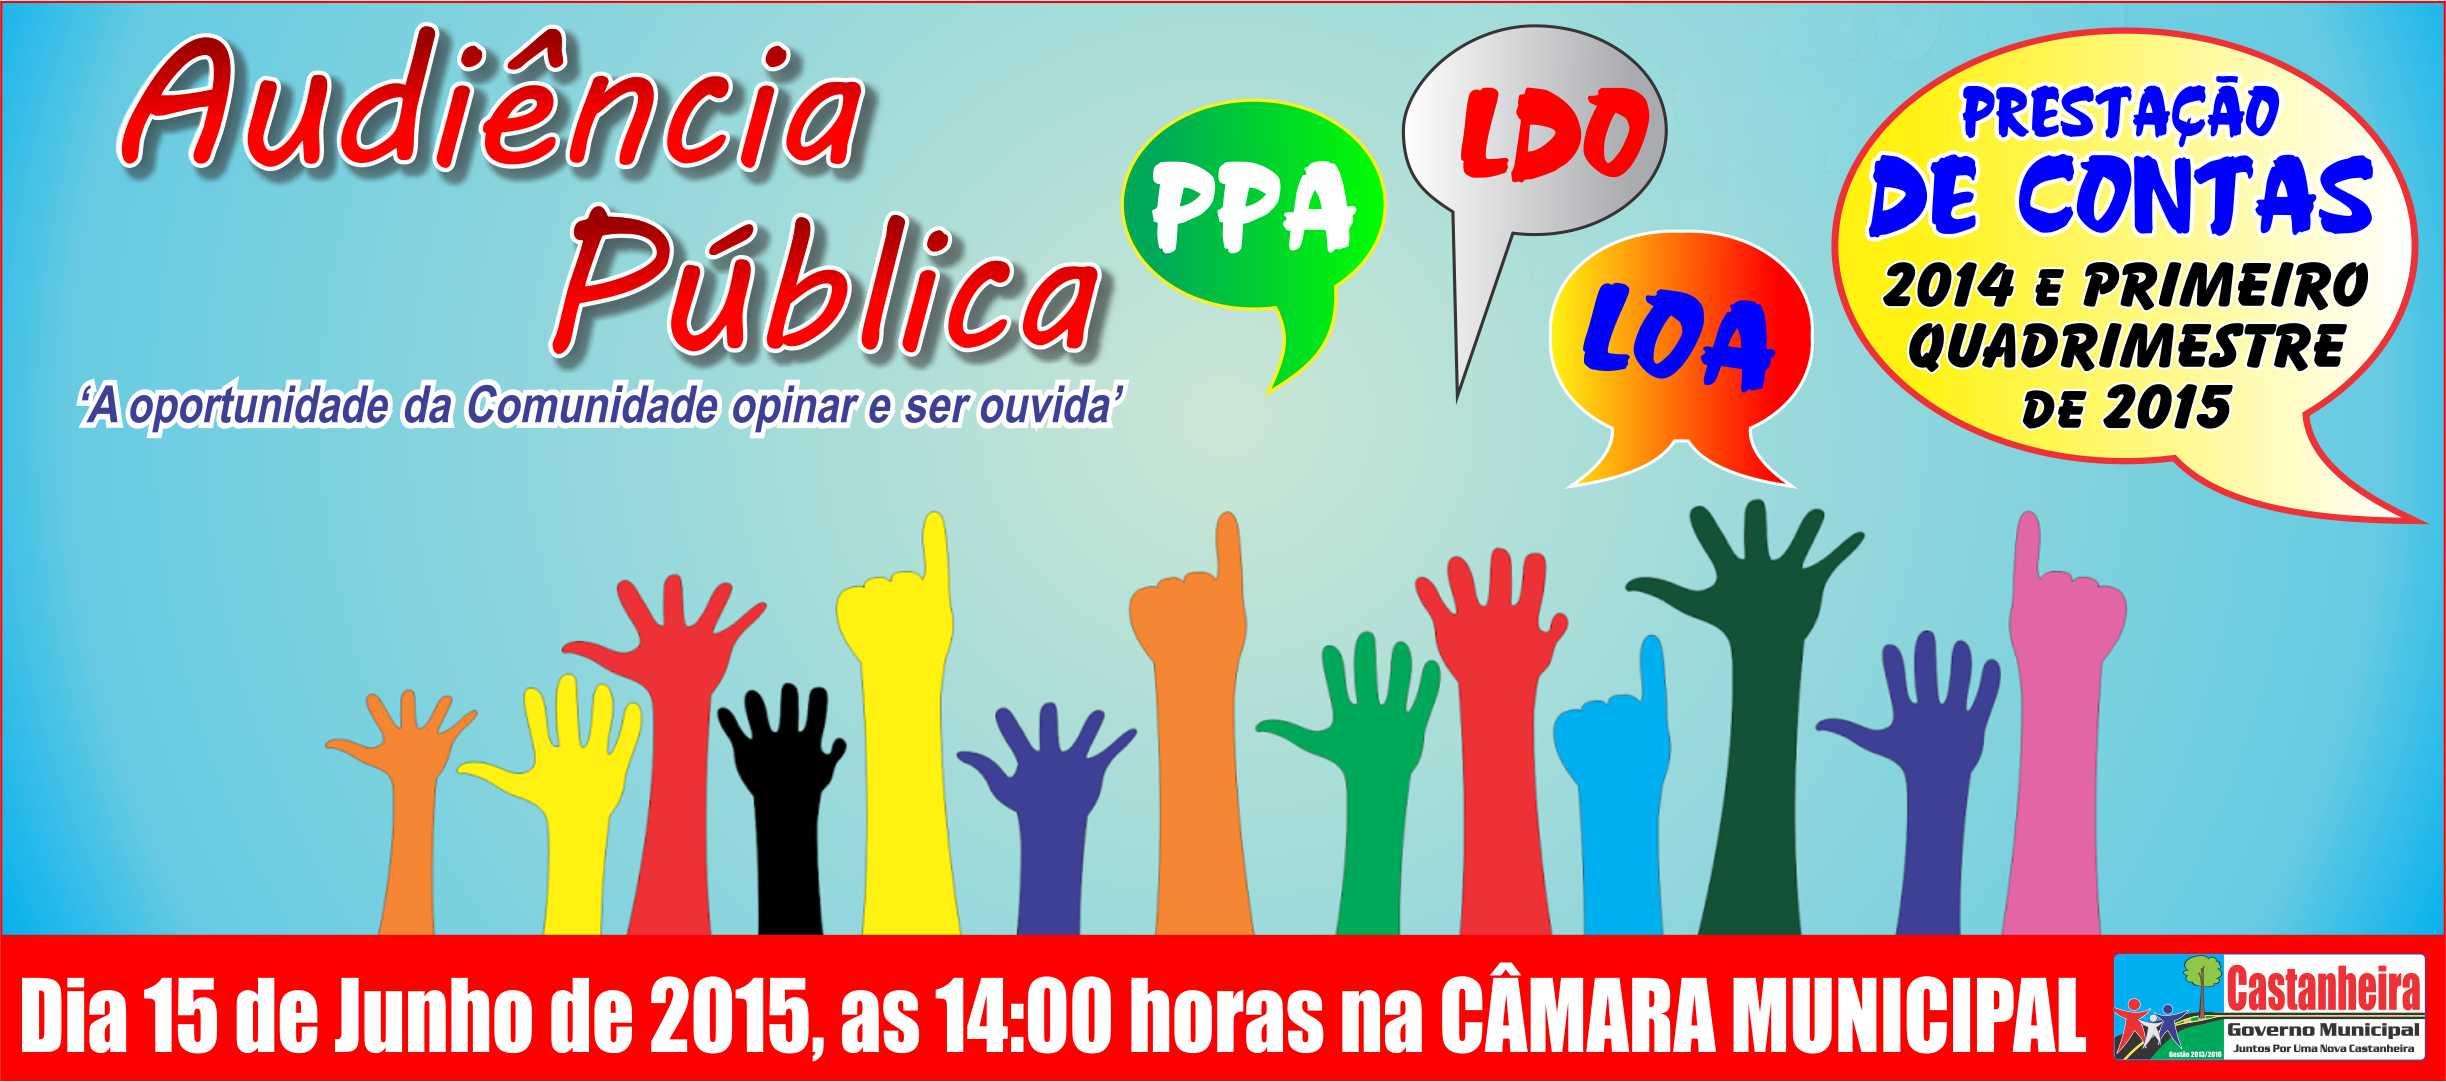 Audiência Pública - Planejamento / 2016